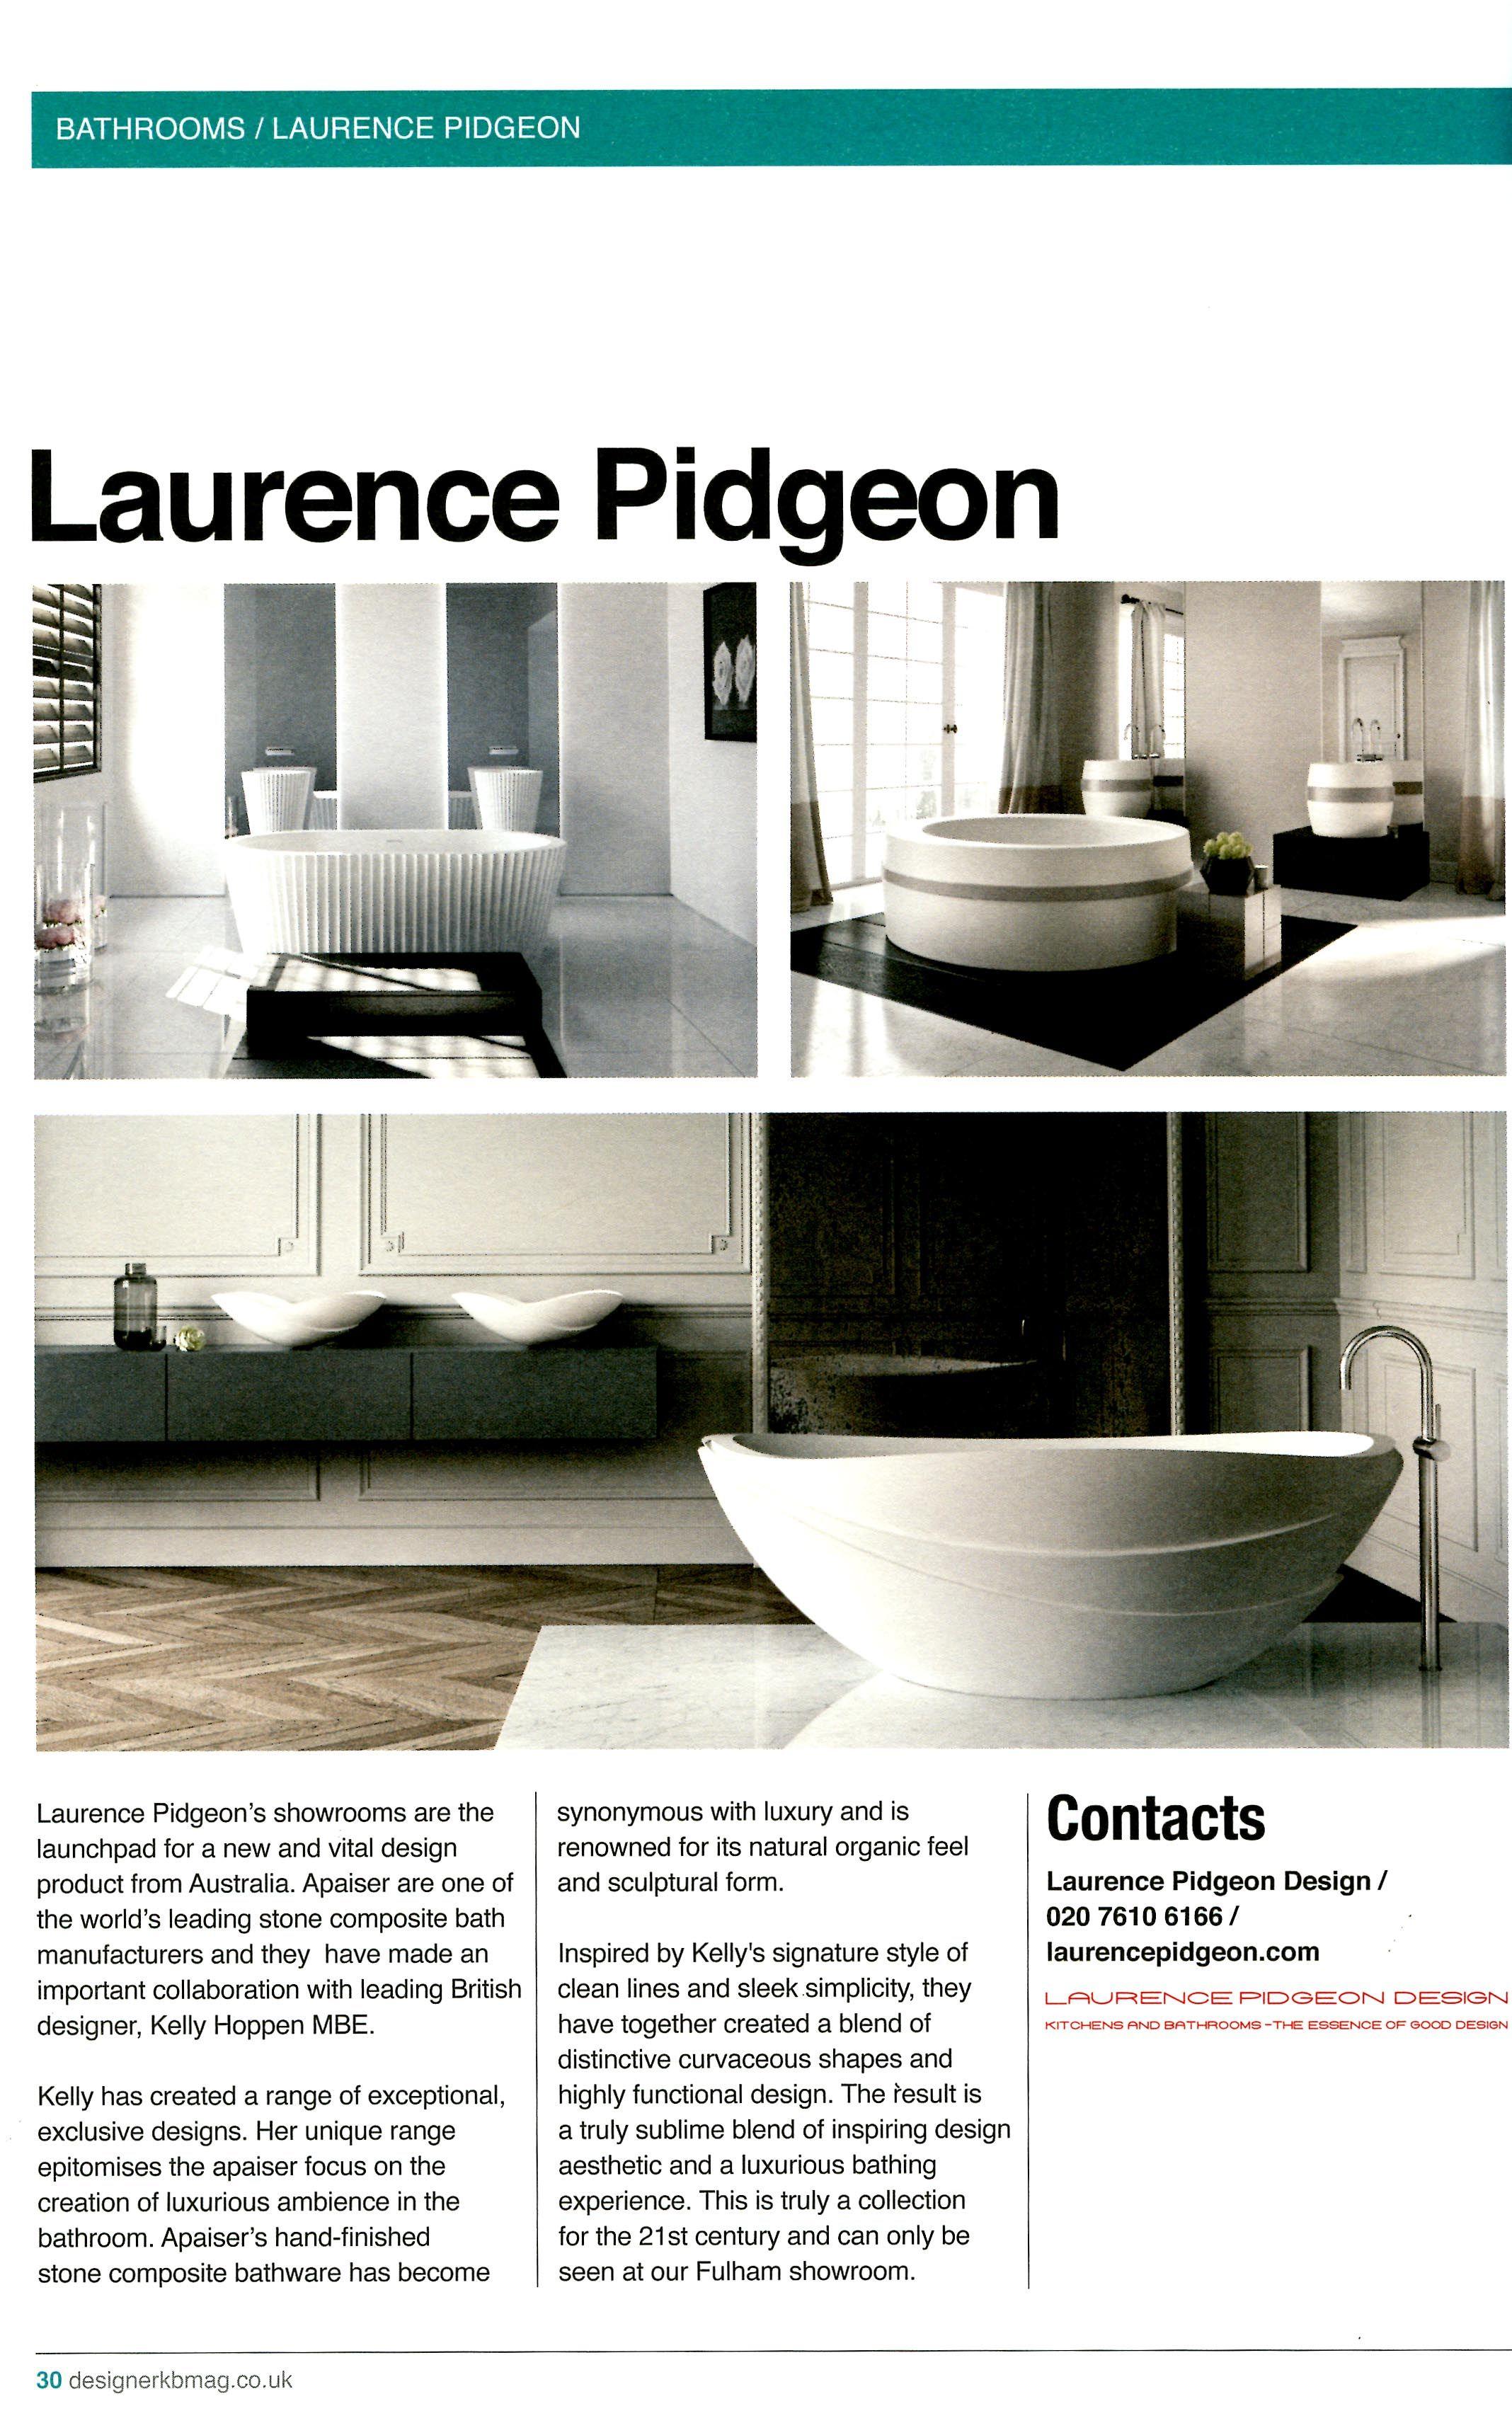 Laurence Pidgeon sells Kelly Hoppen\'s new range for apaiser ...